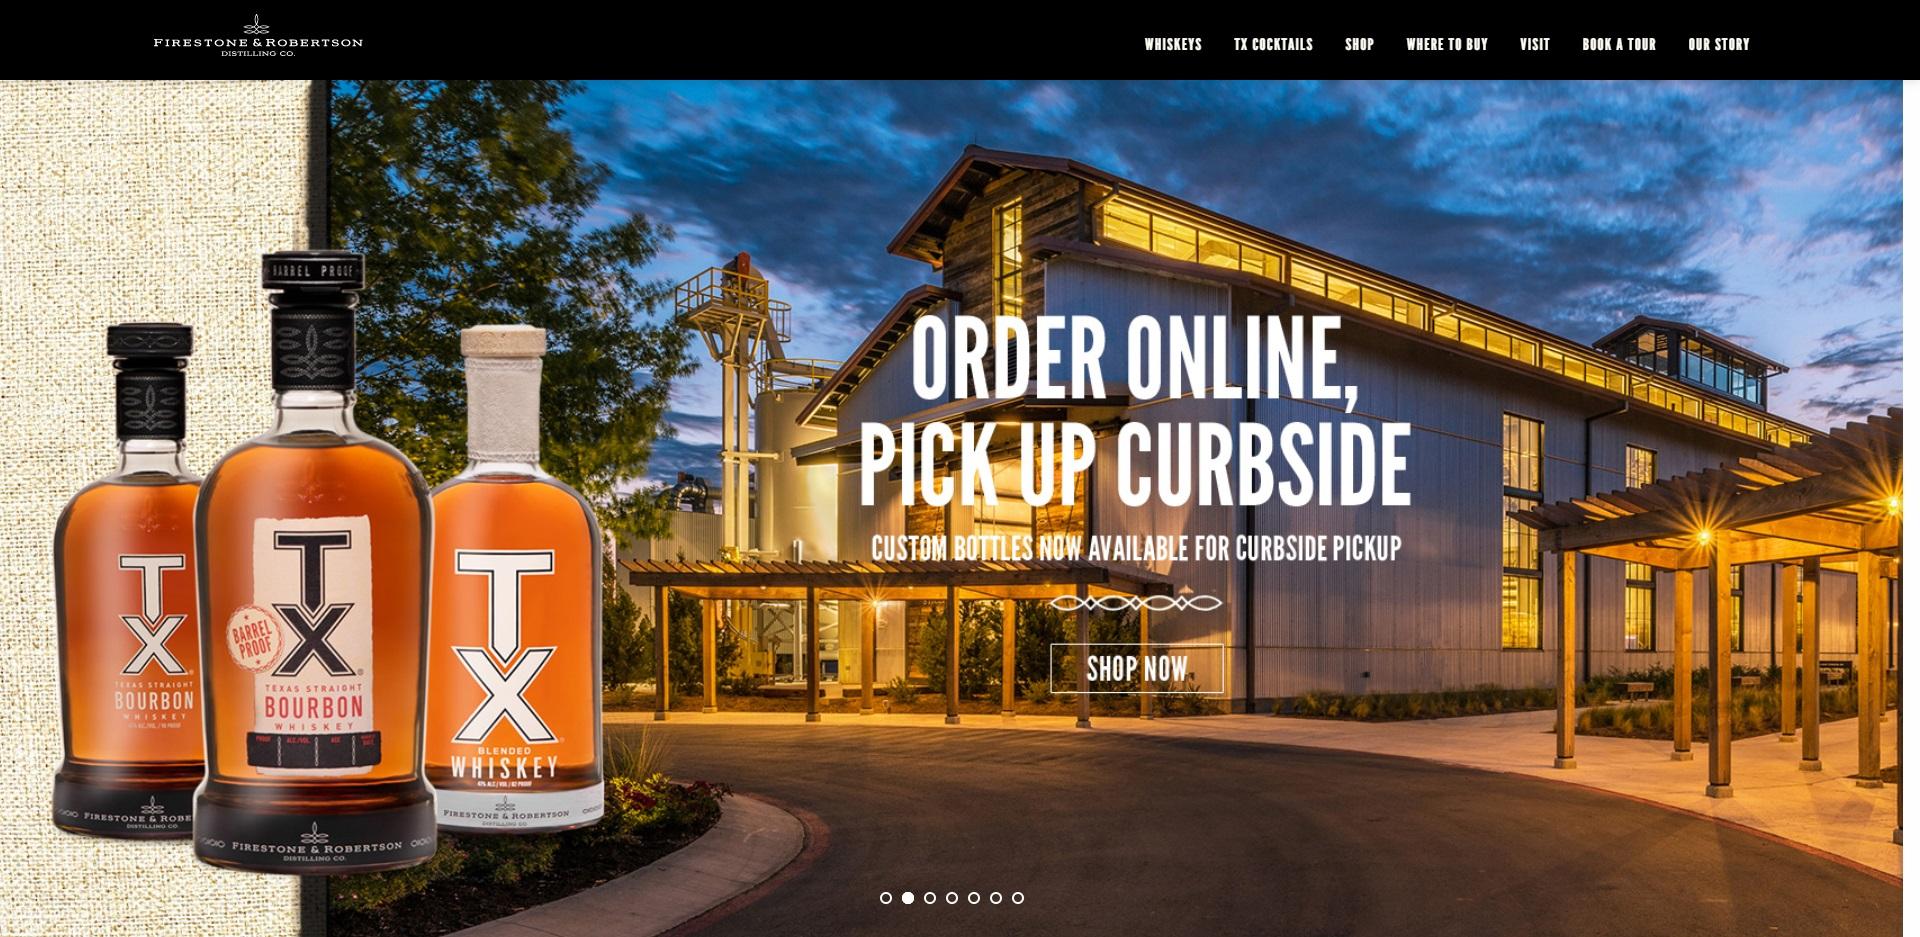 Fort Worth Best Distilleries